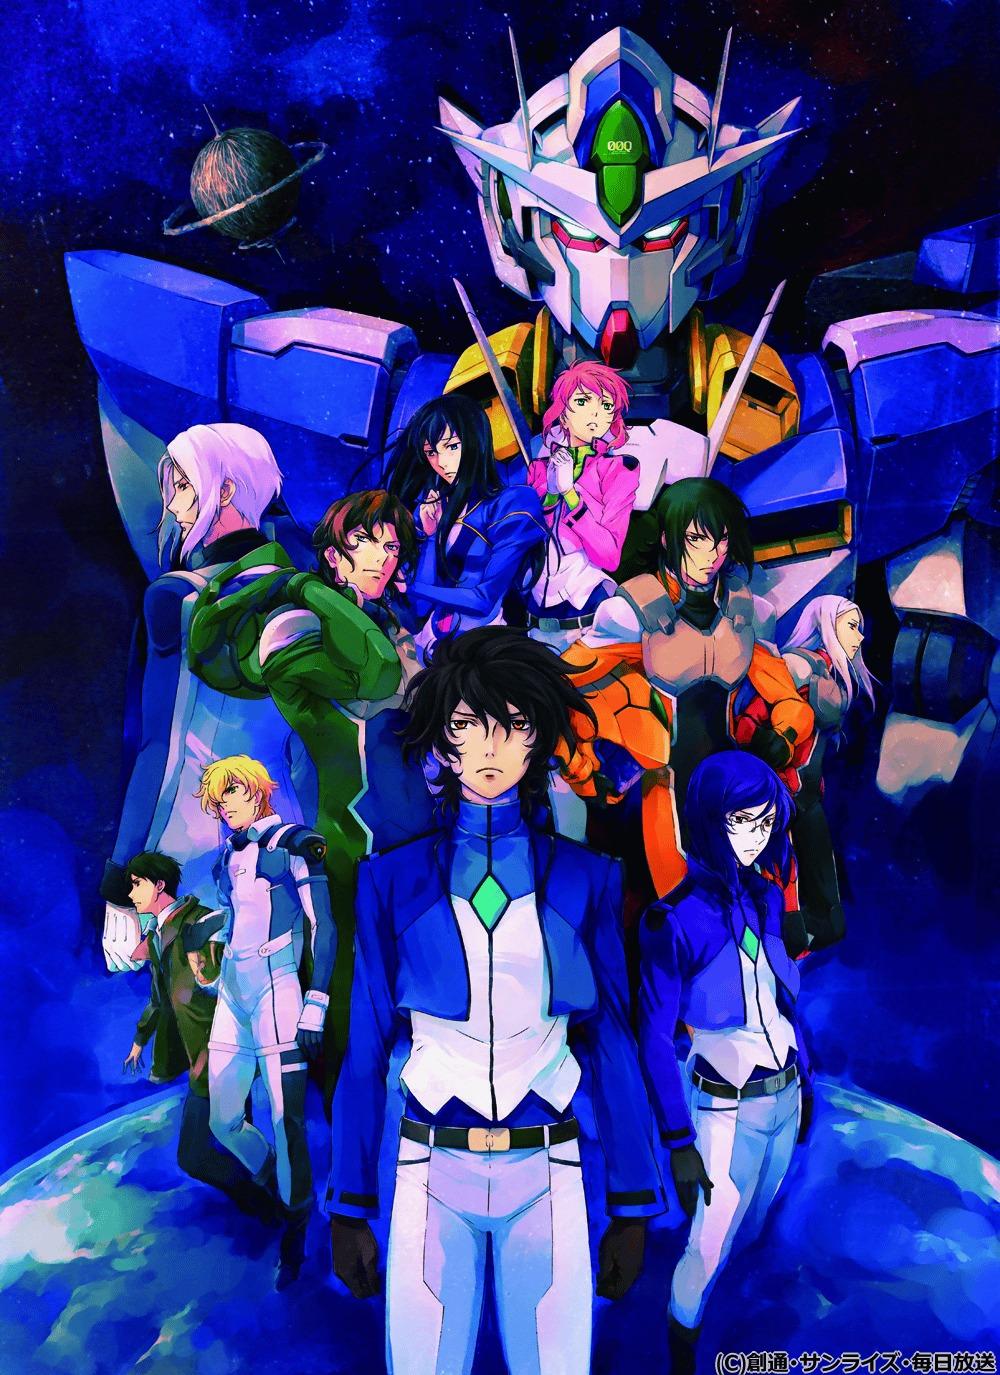 Mobile Suit Gundam 00 No 22 Wallpapers Enjoy Gunjap